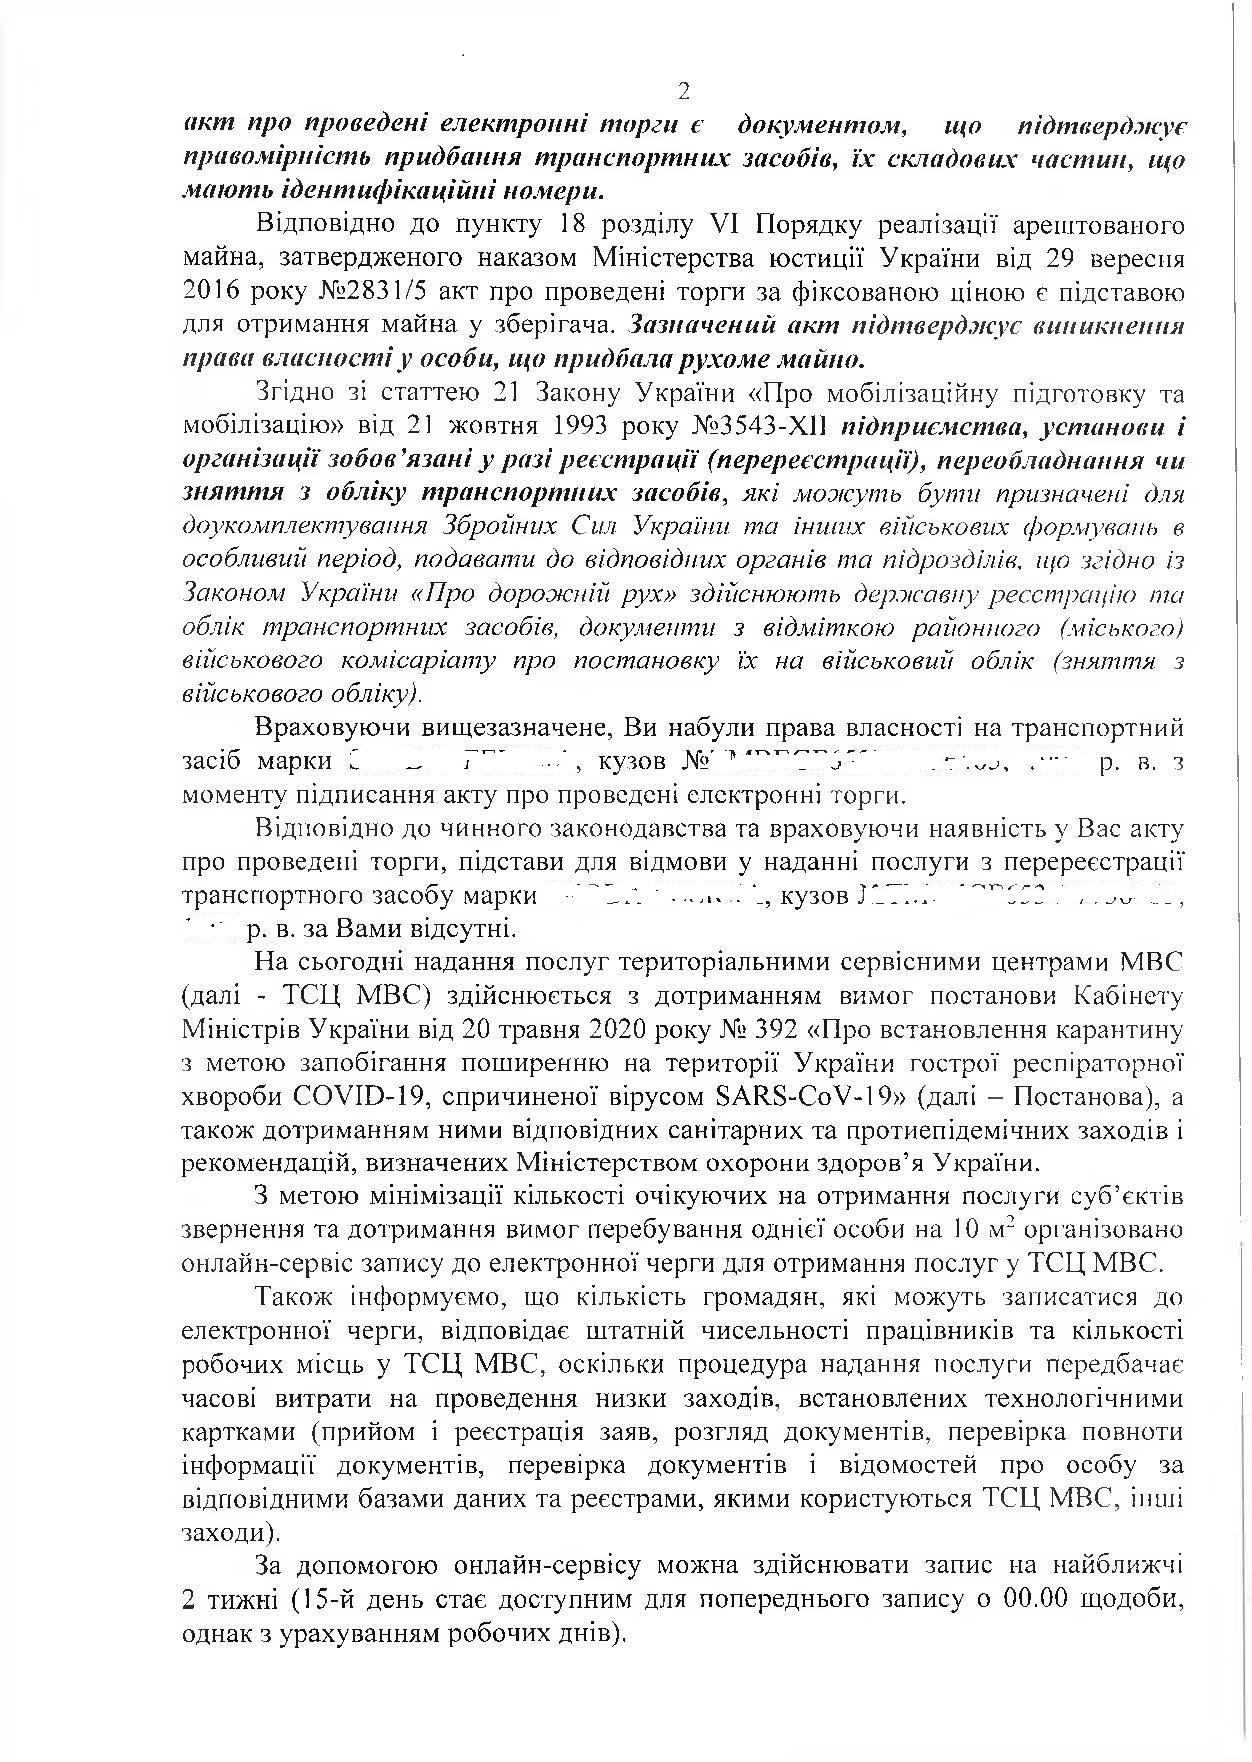 image http://forum.setam.net.ua/assets/images/446-7nUUV6zgl11Z9jlK.jpeg